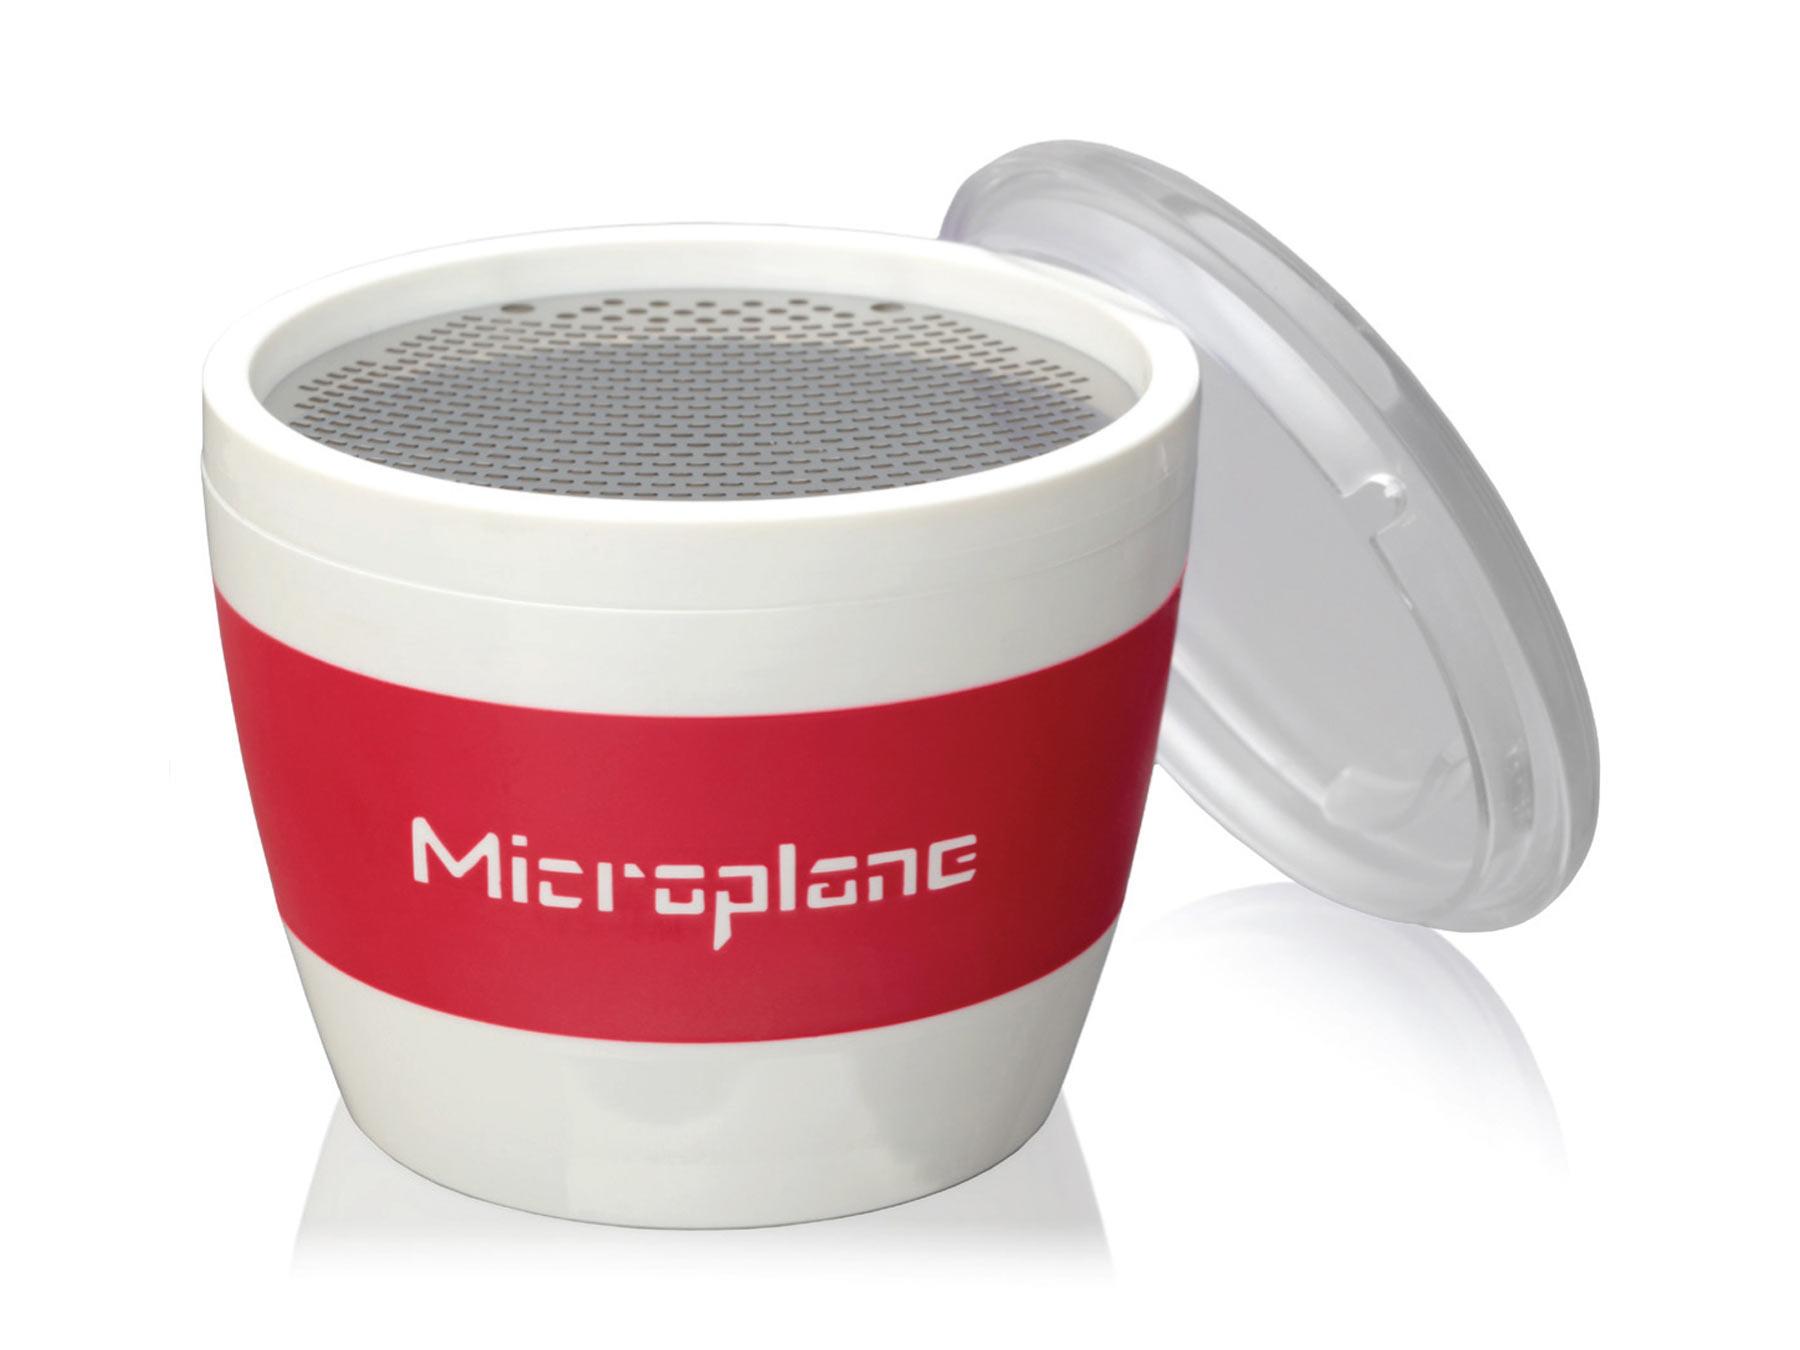 Microplane Specialty 34100 Tassenreibe für Gewürze